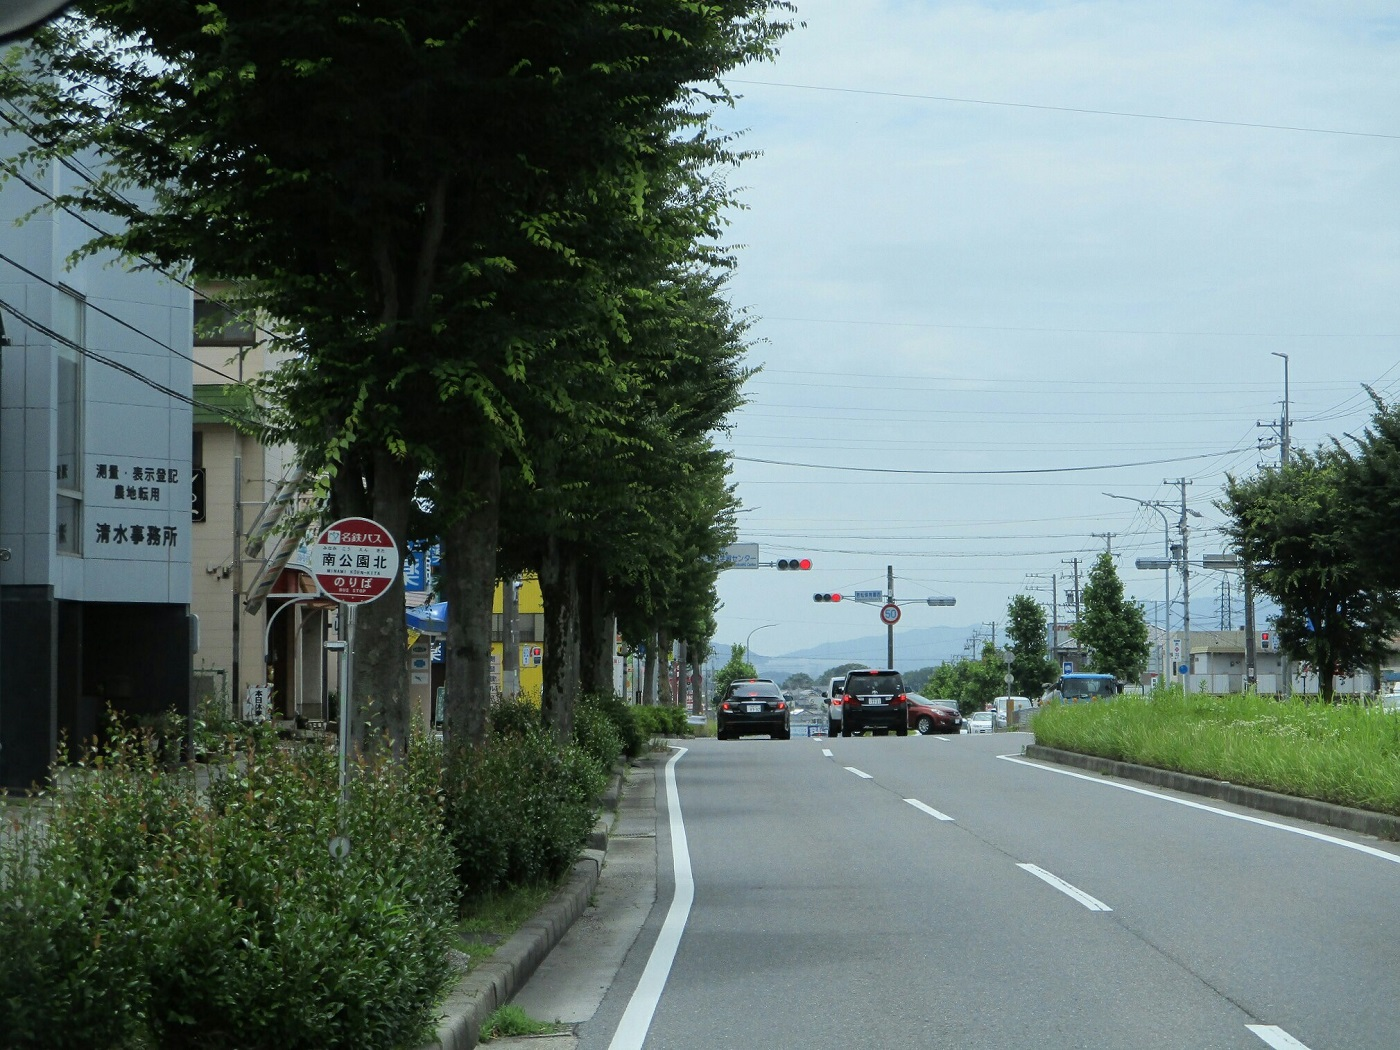 2018.6.19 (20) 美合駅いきバス - 南公園北バス停 1400-1050